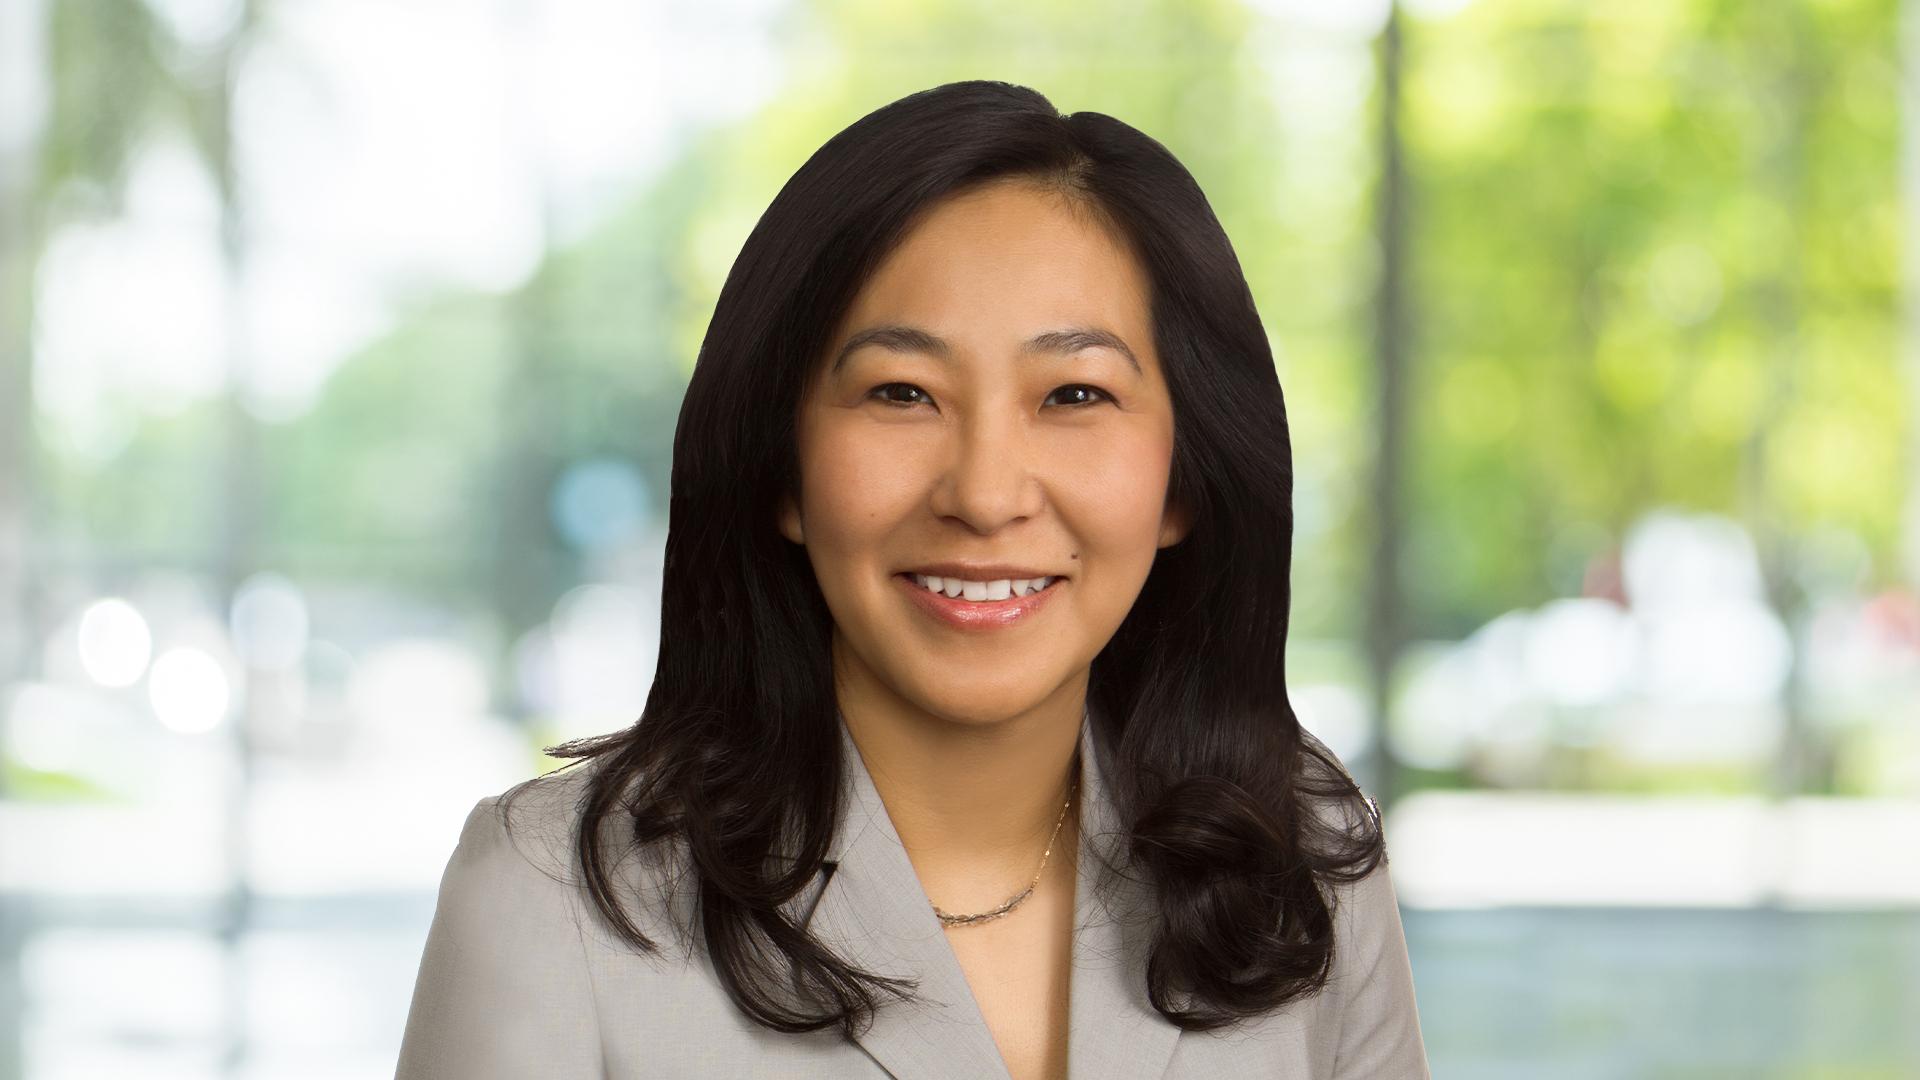 Gina Shishima honored as 2021 Asian Leader Worth Watching